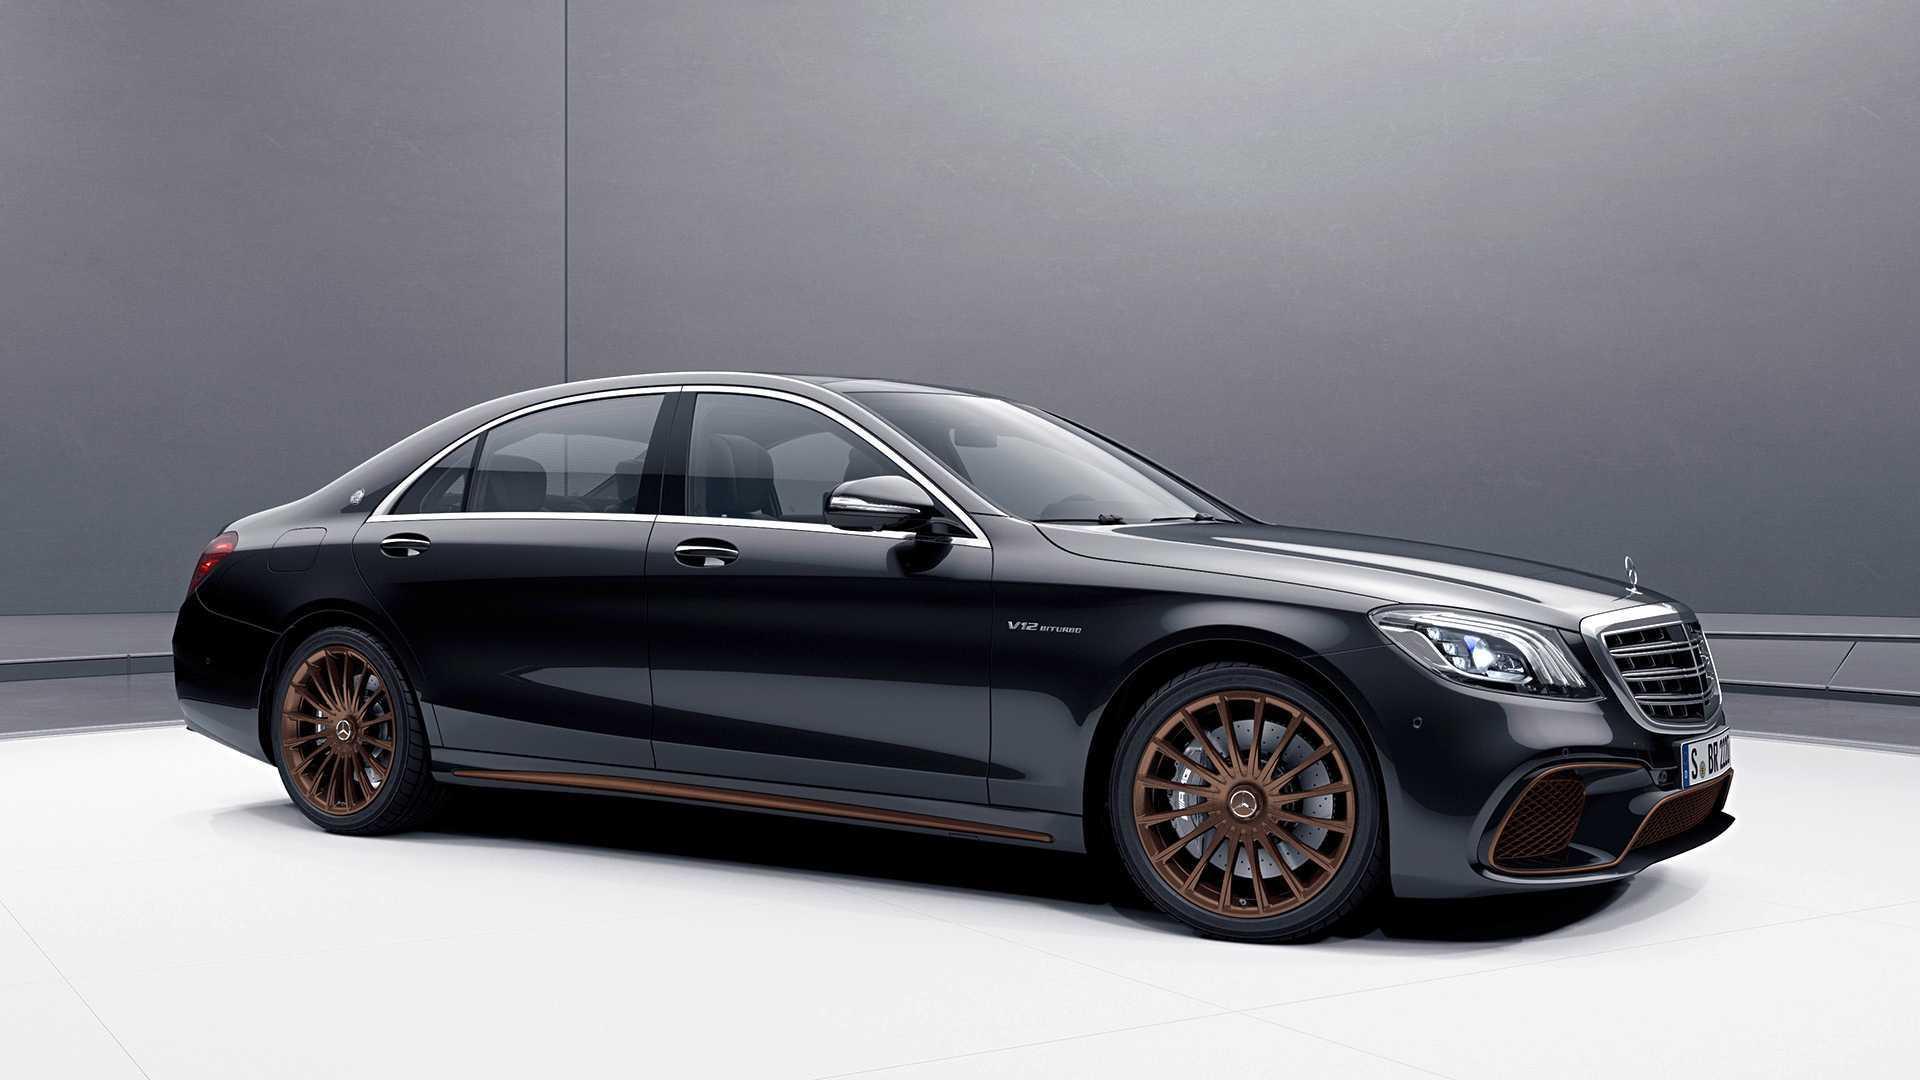 梅赛德斯 - AMG S65黑色和青铜色配色改装